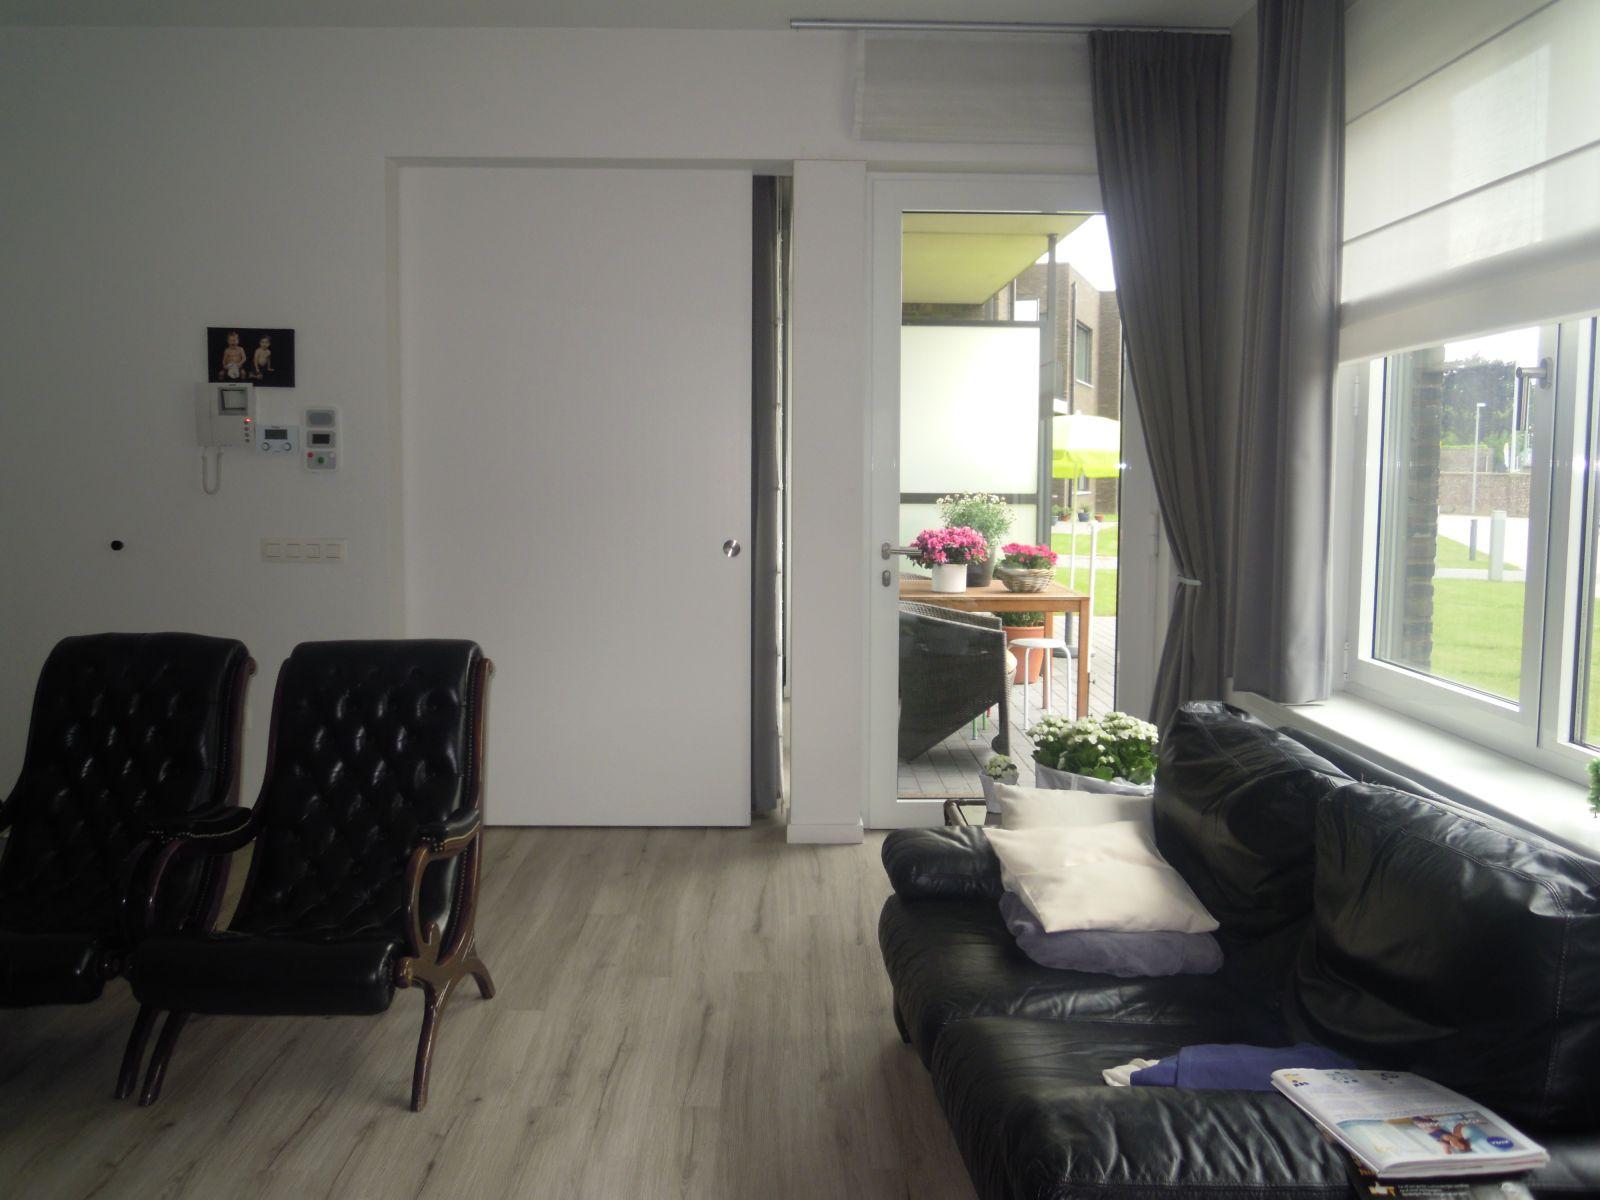 Inrichting van een flat ocmw oudenaarde hulpverlening serviceflats leupegem - Inrichting van een lounge in lengte ...